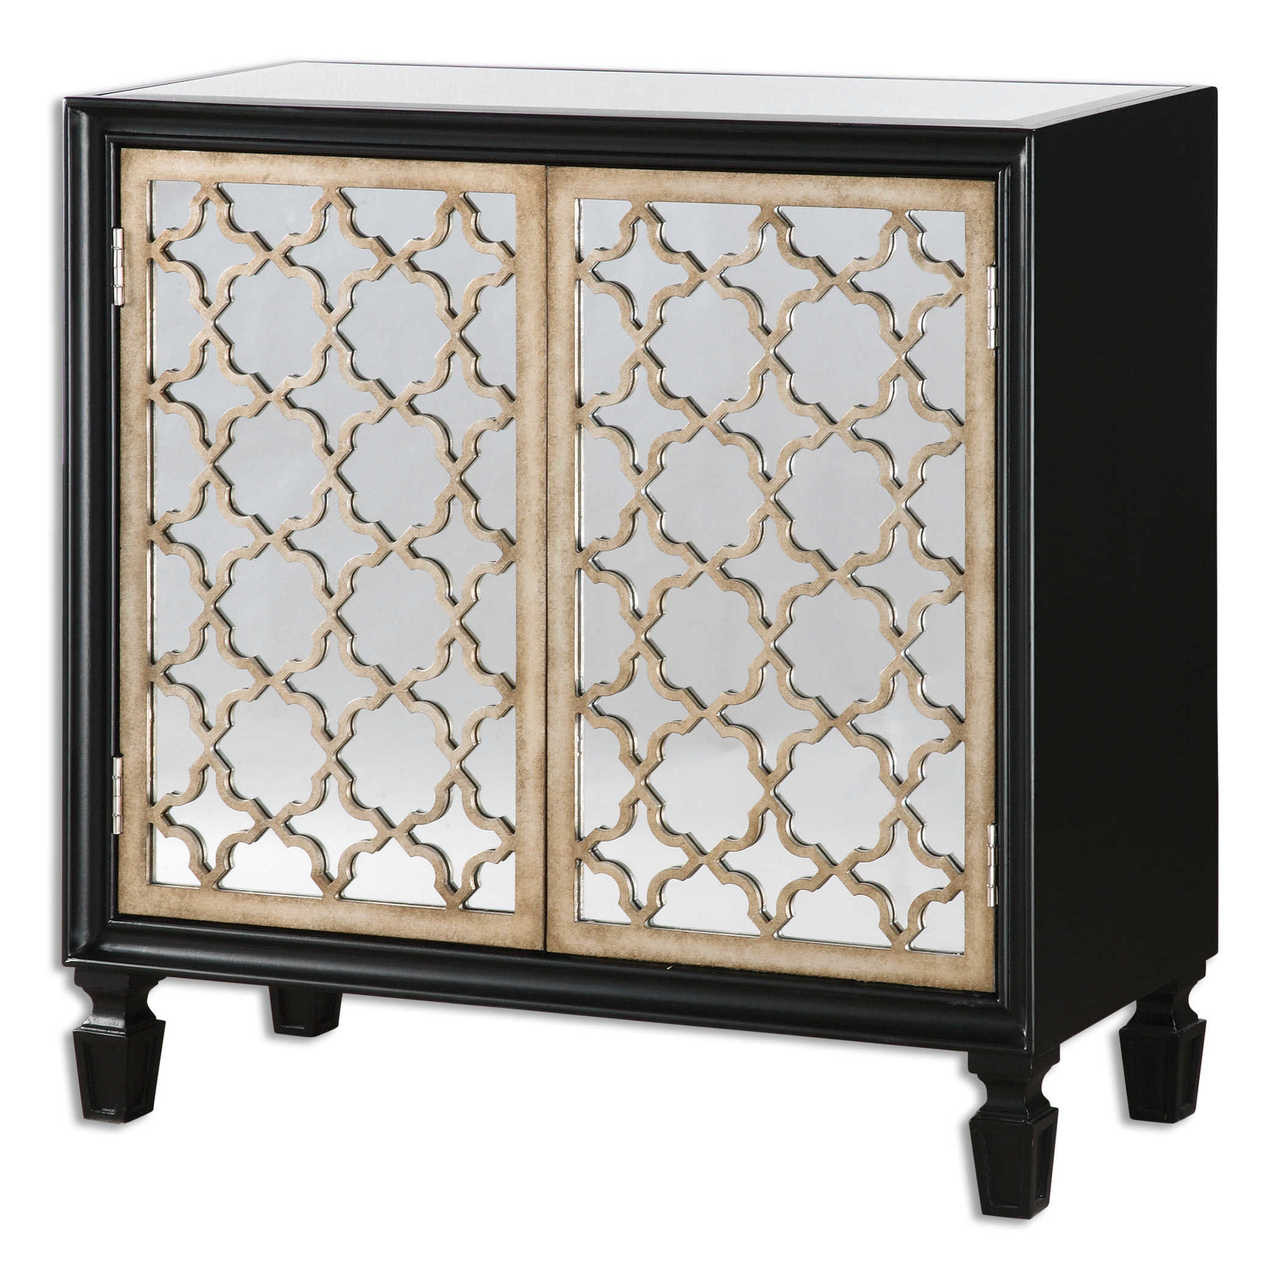 Franzea Mirrored Small Console Cabinet  sc 1 st  Zin Home & Franzea Mirrored Small Console Cabinet | Zin Home